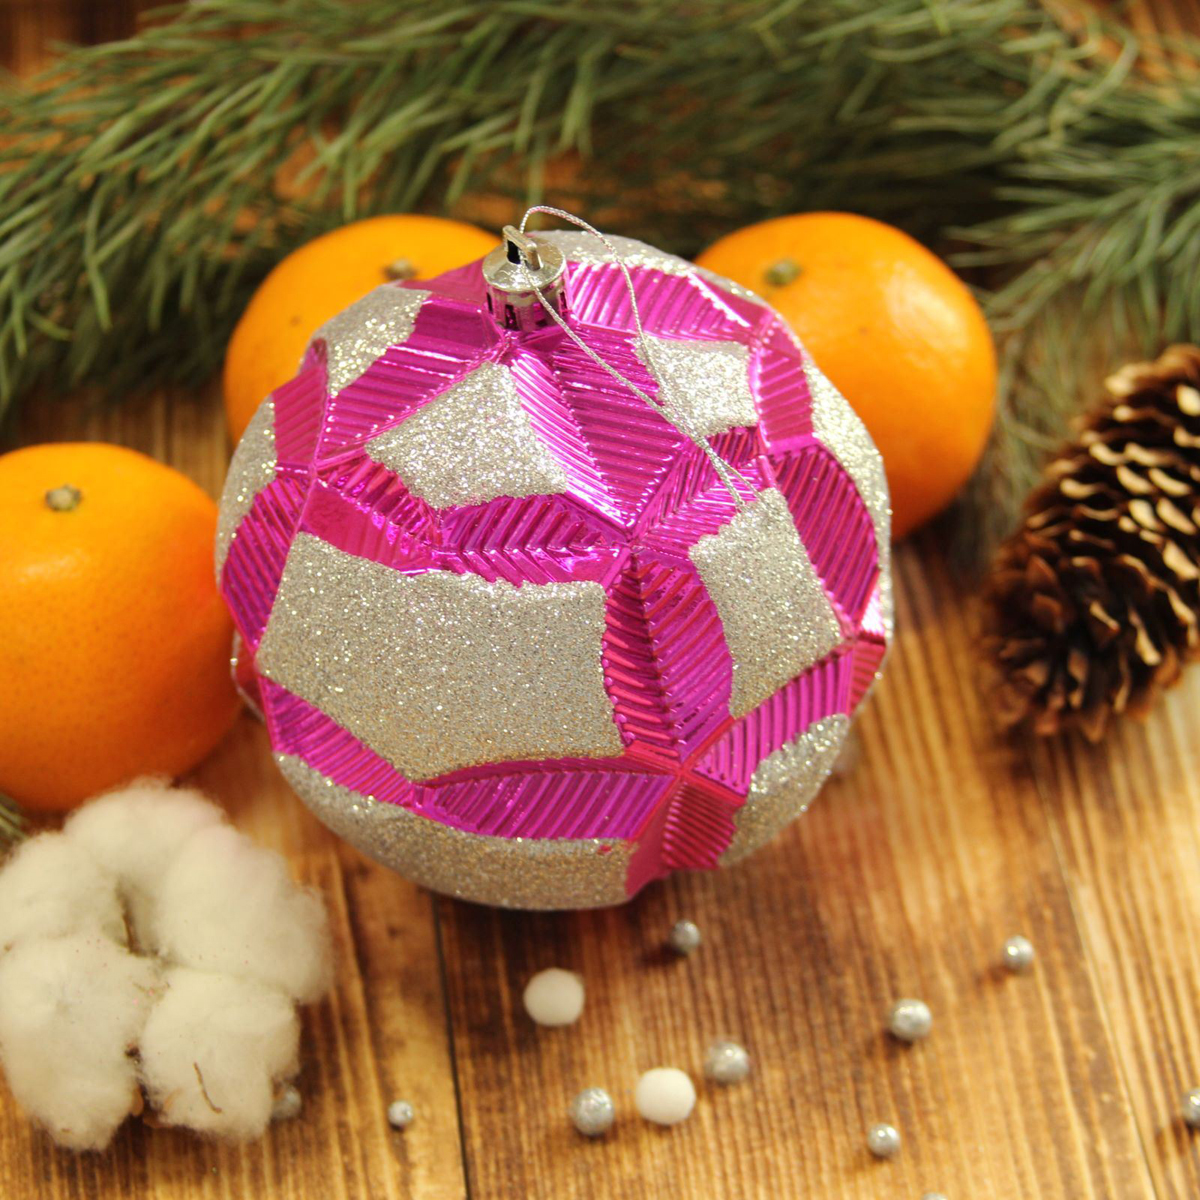 Набор новогодних подвесных украшений Sima-land Цветочный рельеф, цвет: малиновый, диаметр 10 см, 2 шт2123010Набор новогодних подвесных украшений Sima-land отлично подойдет для декорации вашего дома и новогодней ели. С помощью специальной петельки украшение можно повесить в любом понравившемся вам месте. Но, конечно, удачнее всего оно будет смотреться на праздничной елке. Елочная игрушка - символ Нового года. Она несет в себе волшебство и красоту праздника. Создайте в своем доме атмосферу веселья и радости, украшая новогоднюю елку нарядными игрушками, которые будут из года в год накапливать теплоту воспоминаний.